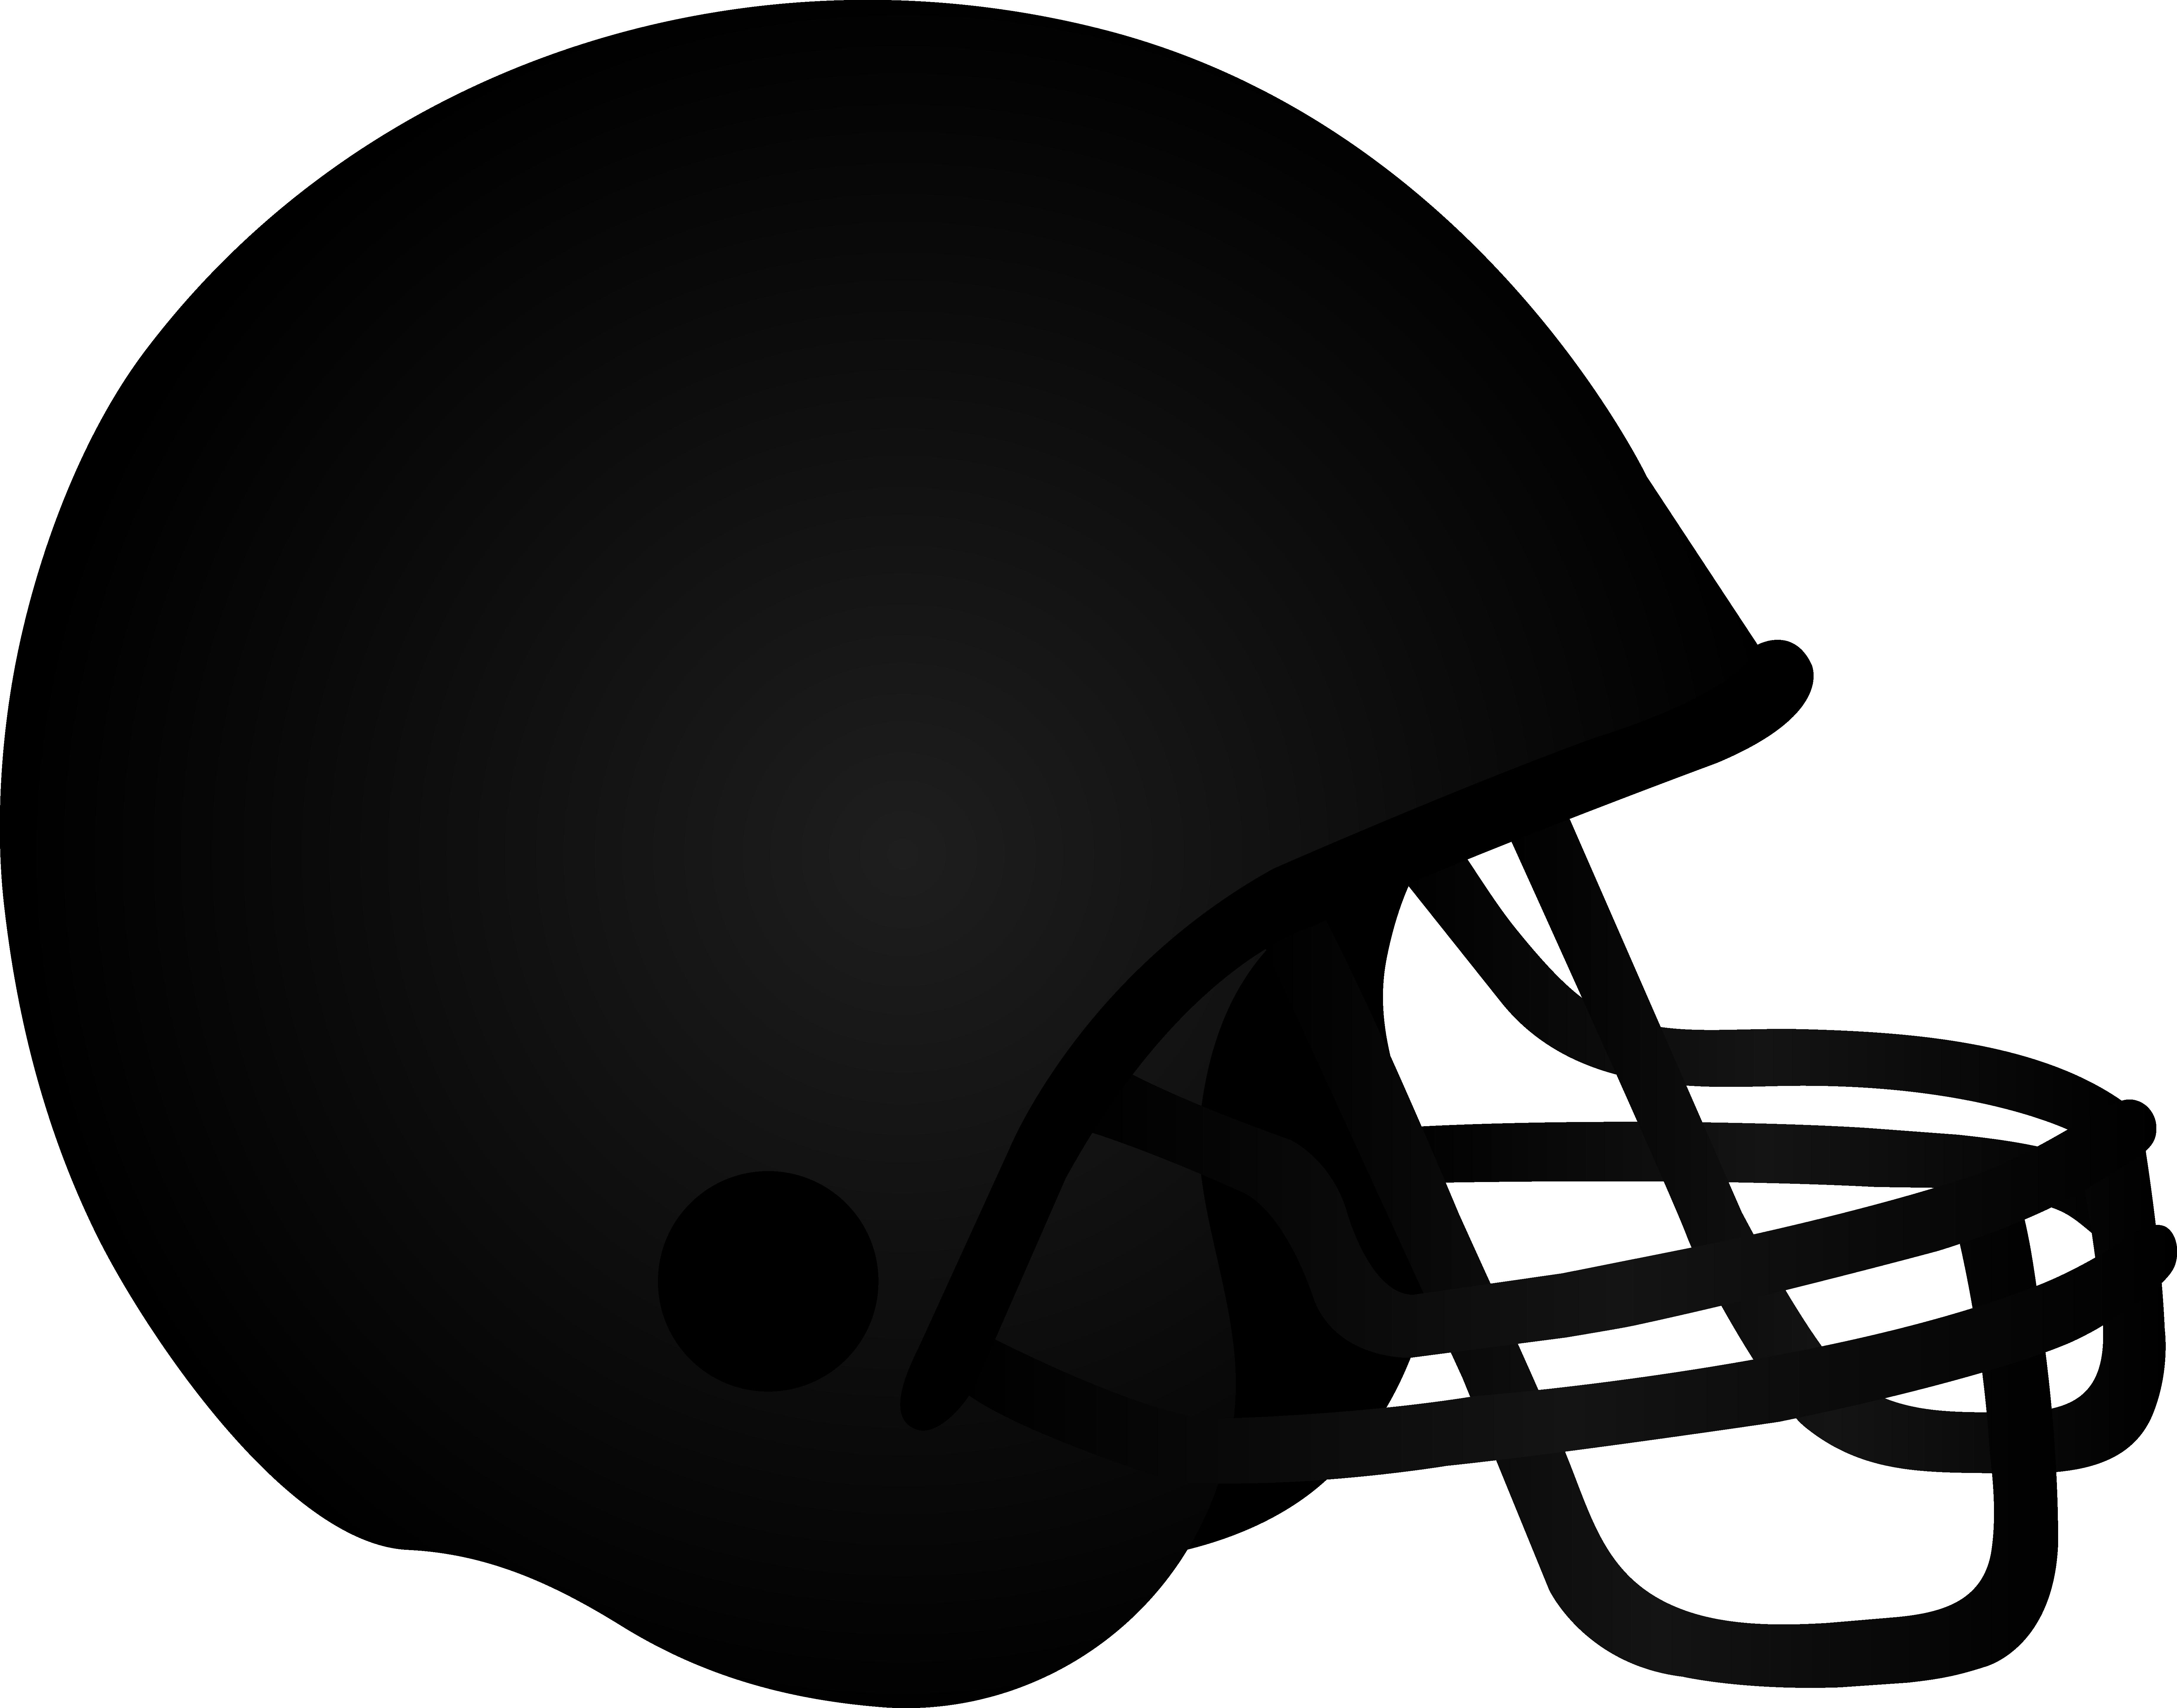 Maroon clipart football helmet Helmet View Drawing Panda Free